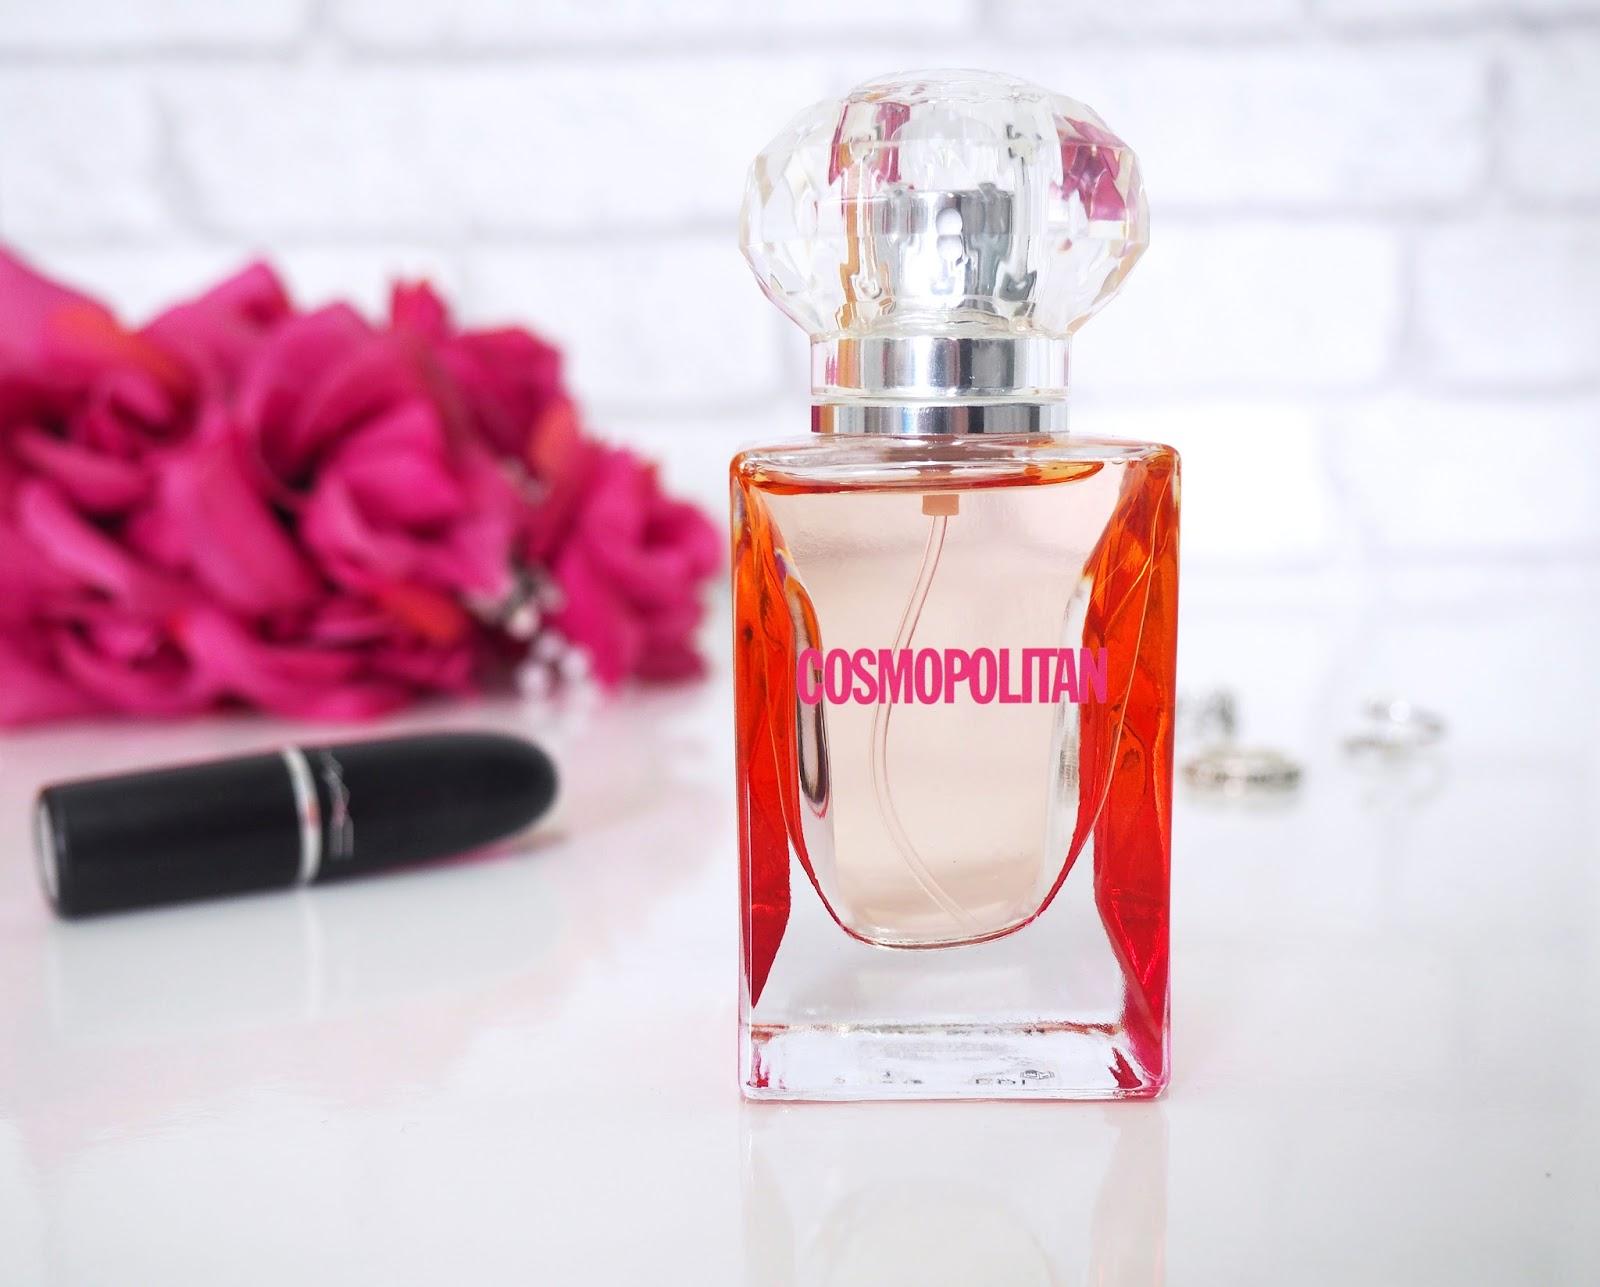 Cosmopolitan Fragrance